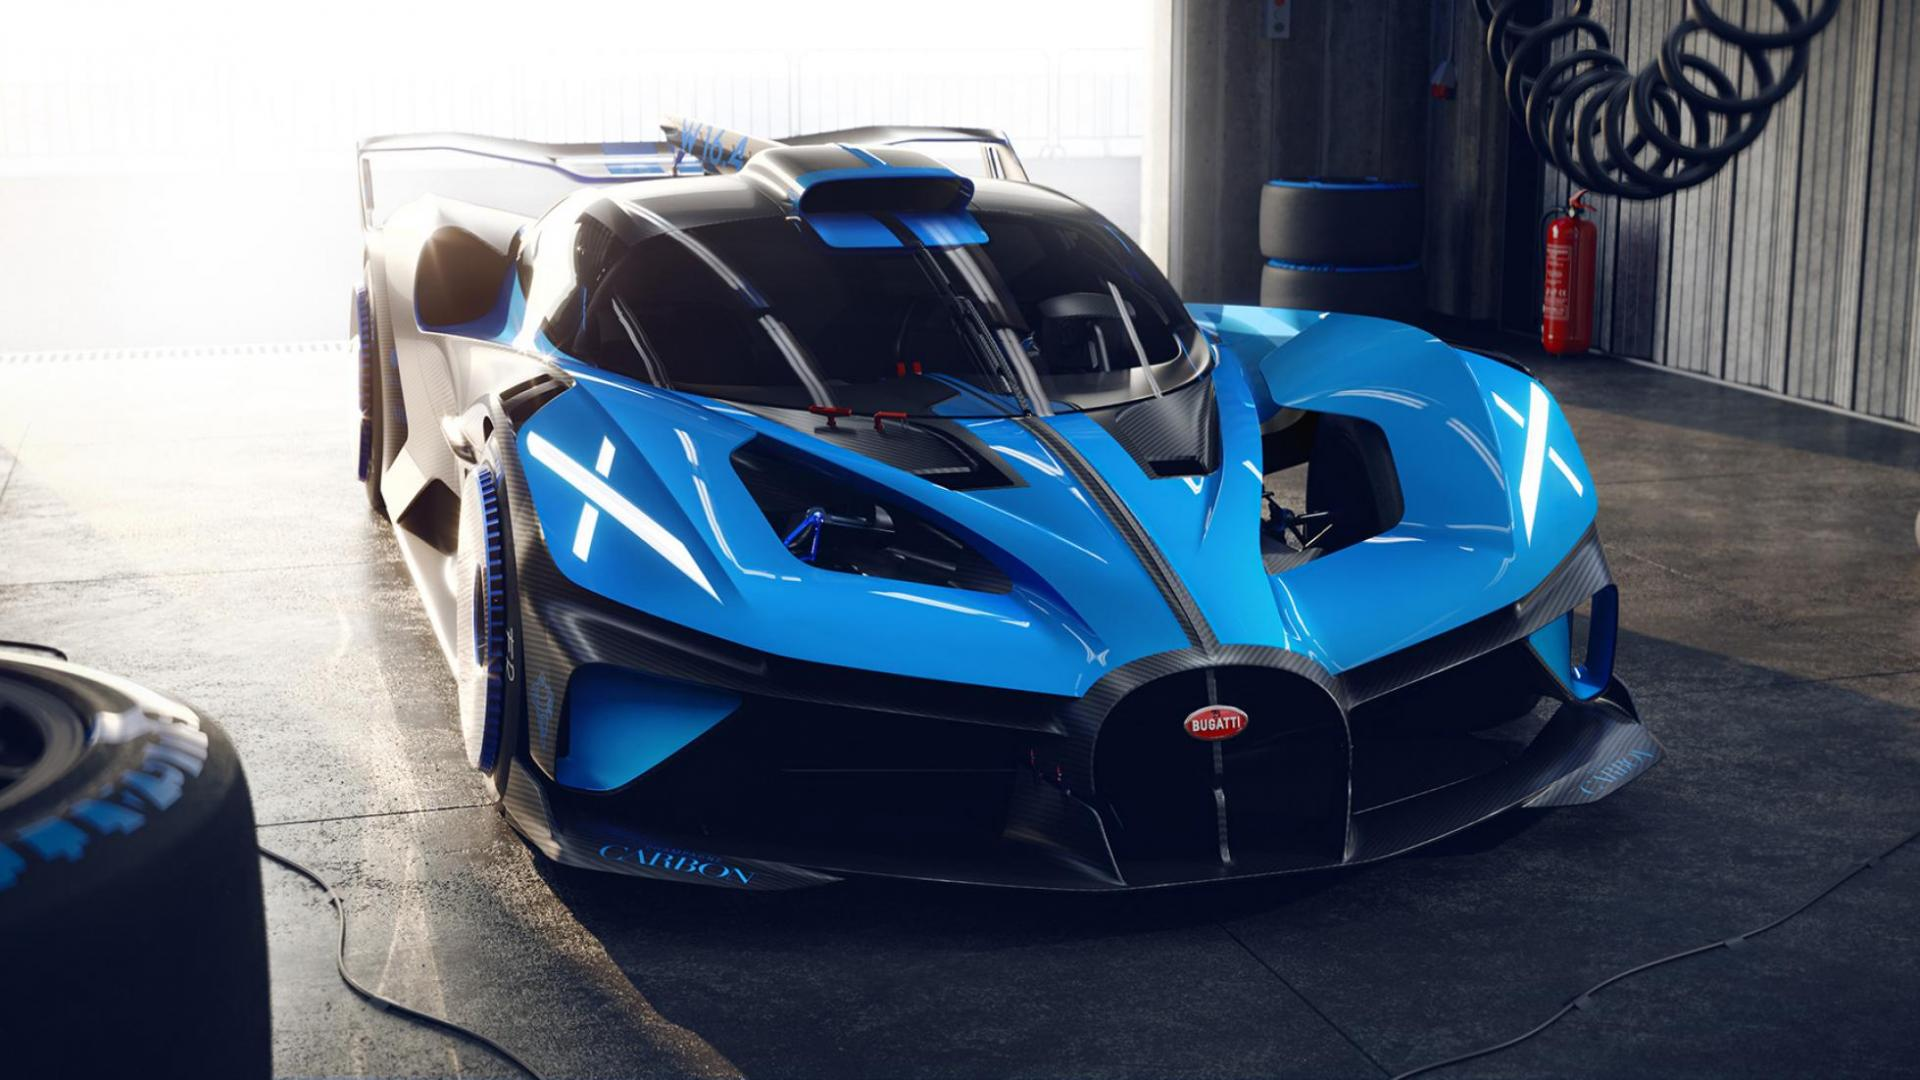 Bugatti Bolide in Pitbox of garage